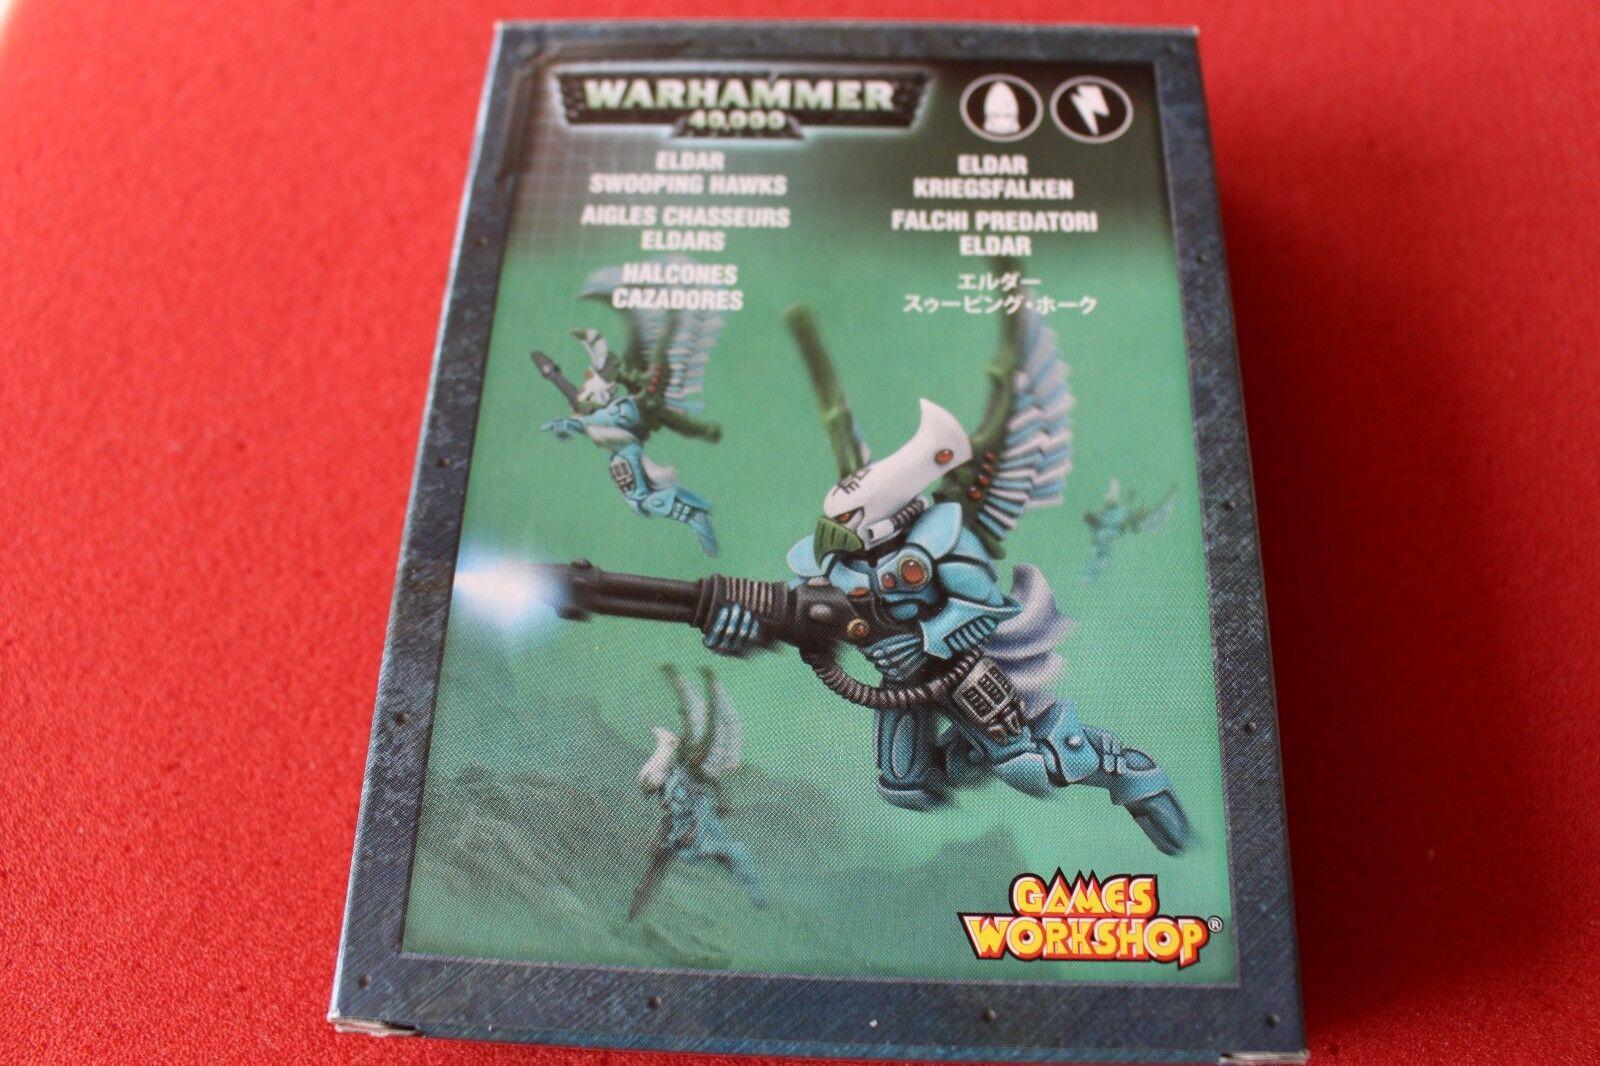 Juegos Workshop Warhammer 40k Eldar Swooping Hawks Squad Metal Figuras WH40K OOP